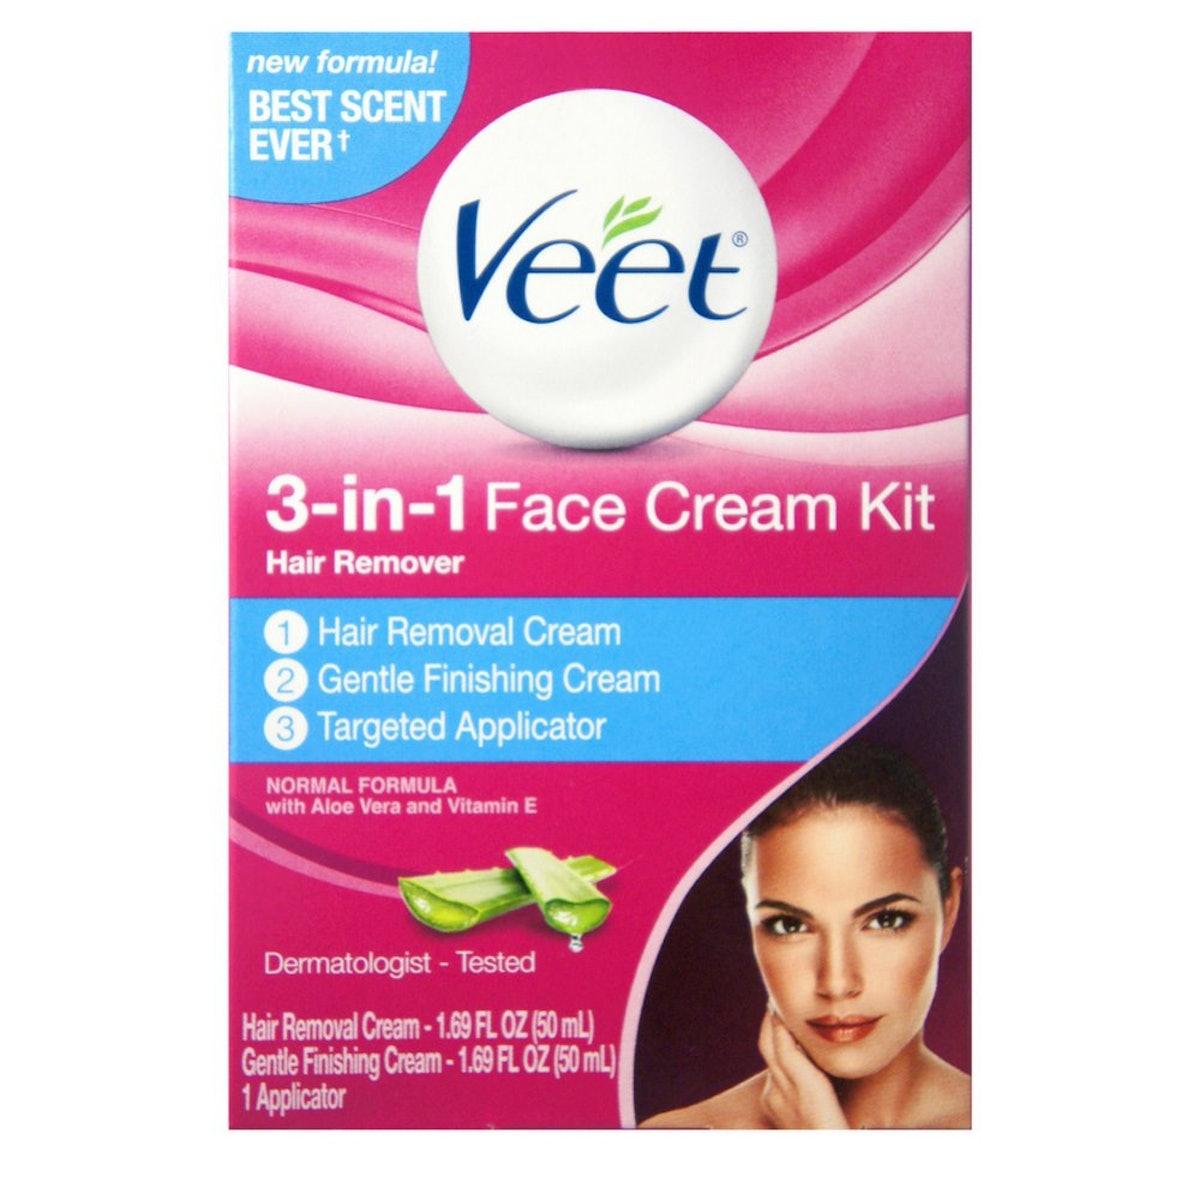 Veet 3-in-1 Face Cream Kit (3 Pack)